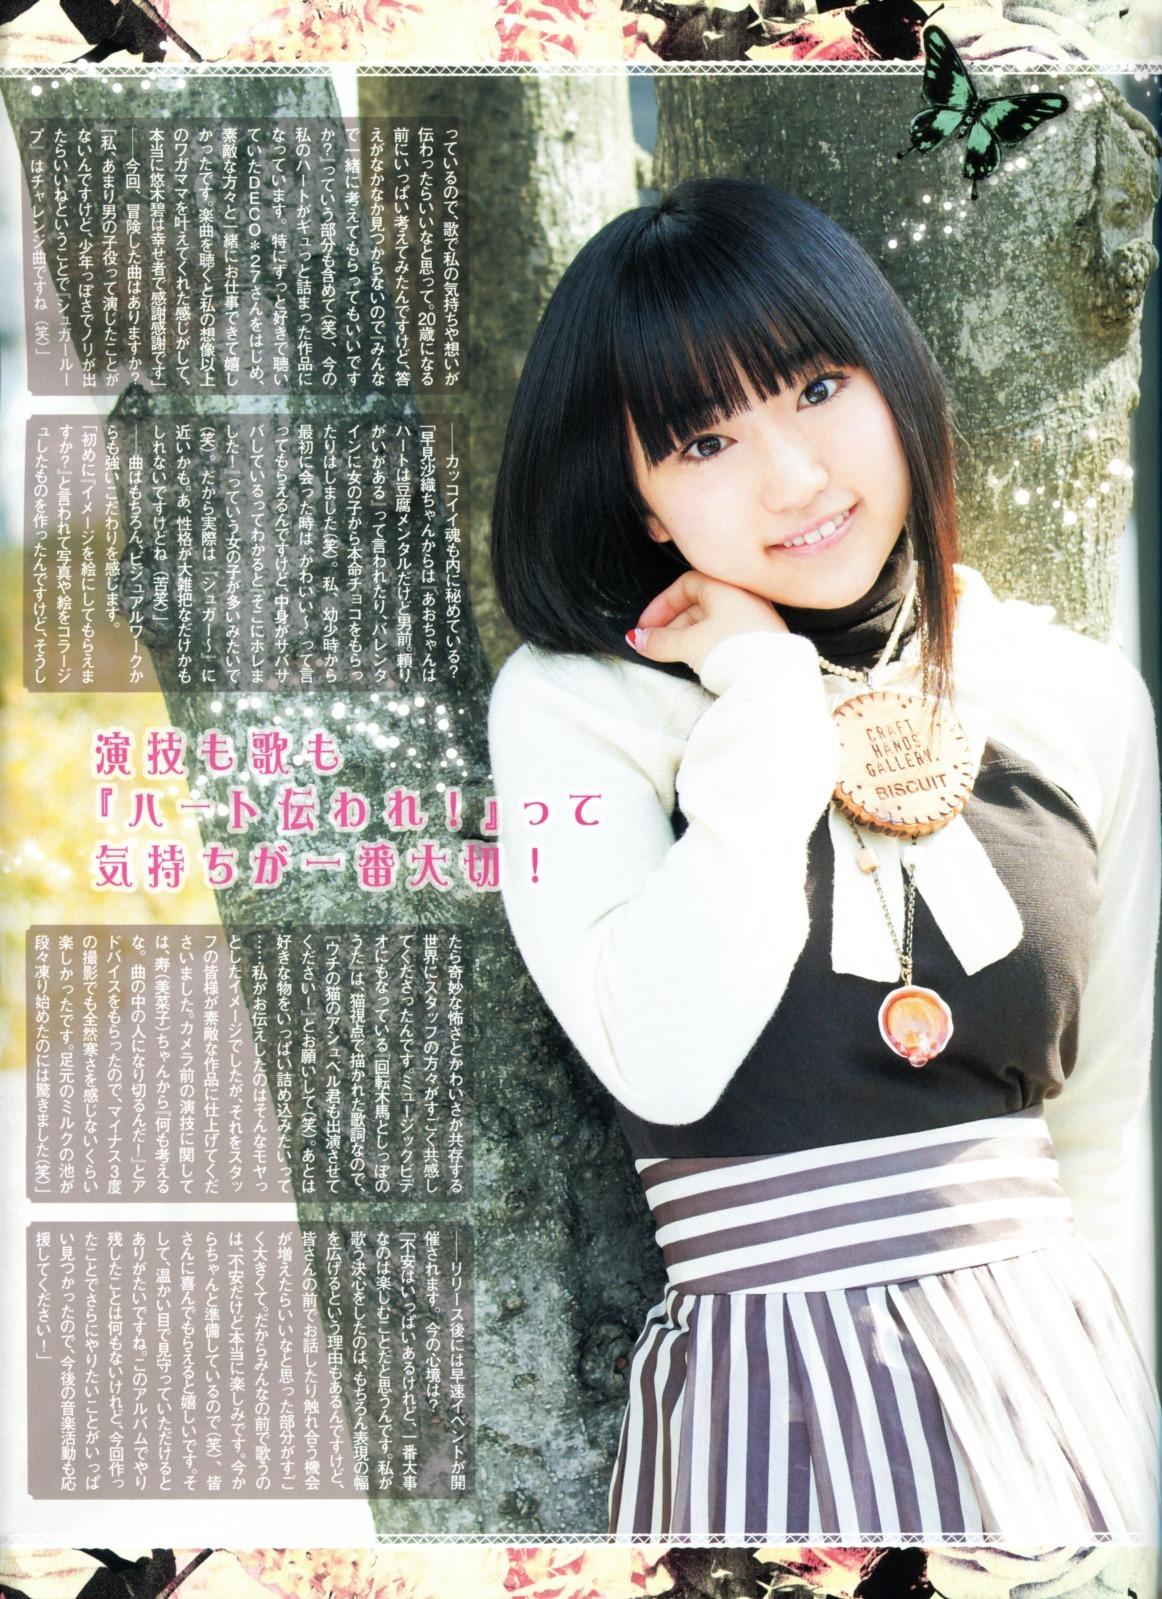 yuuki_aoi036.jpg